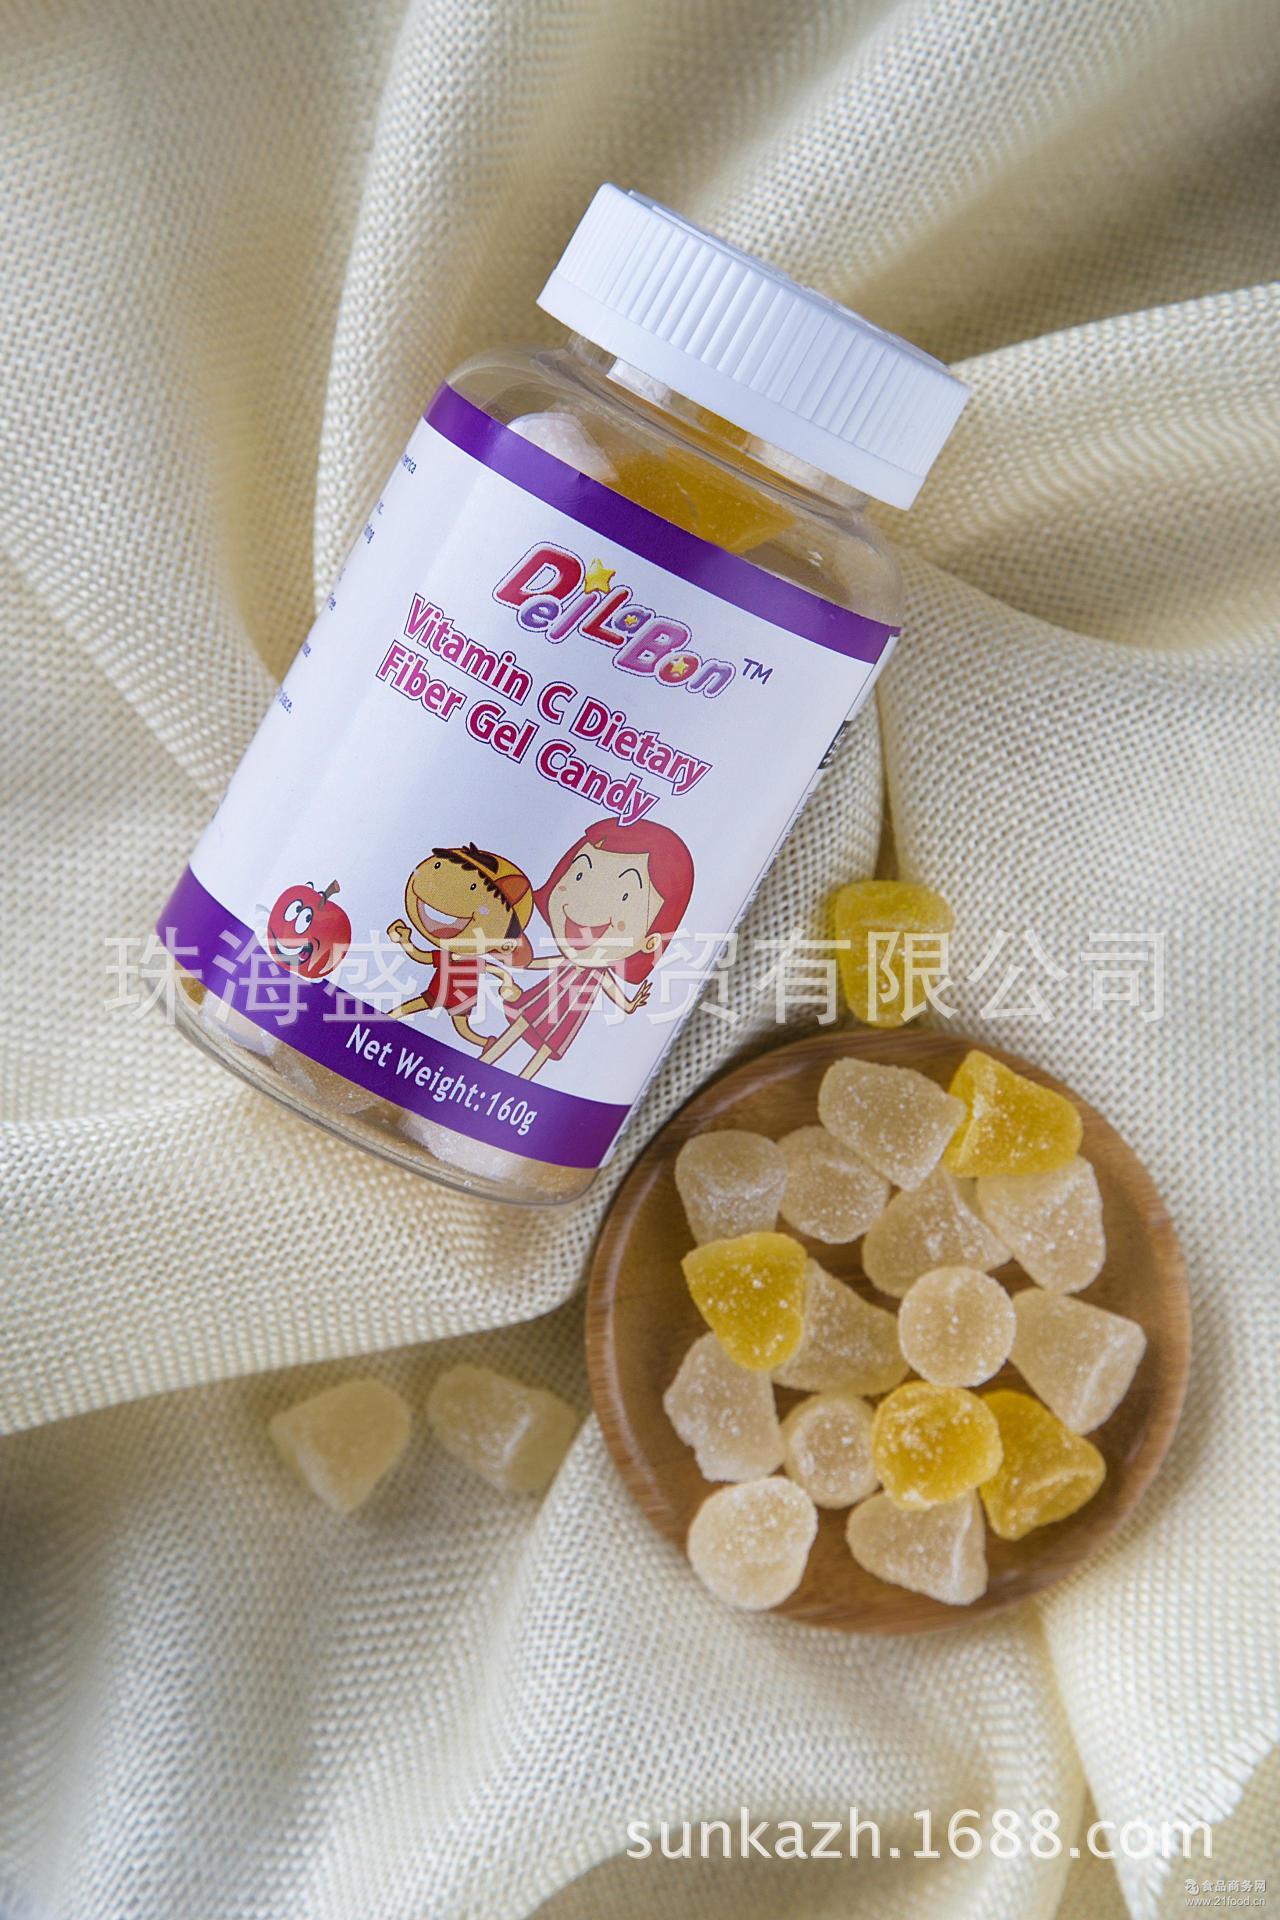 藻油维生素C膳食纤维凝胶糖果进口天然健康北美儿童医生推荐